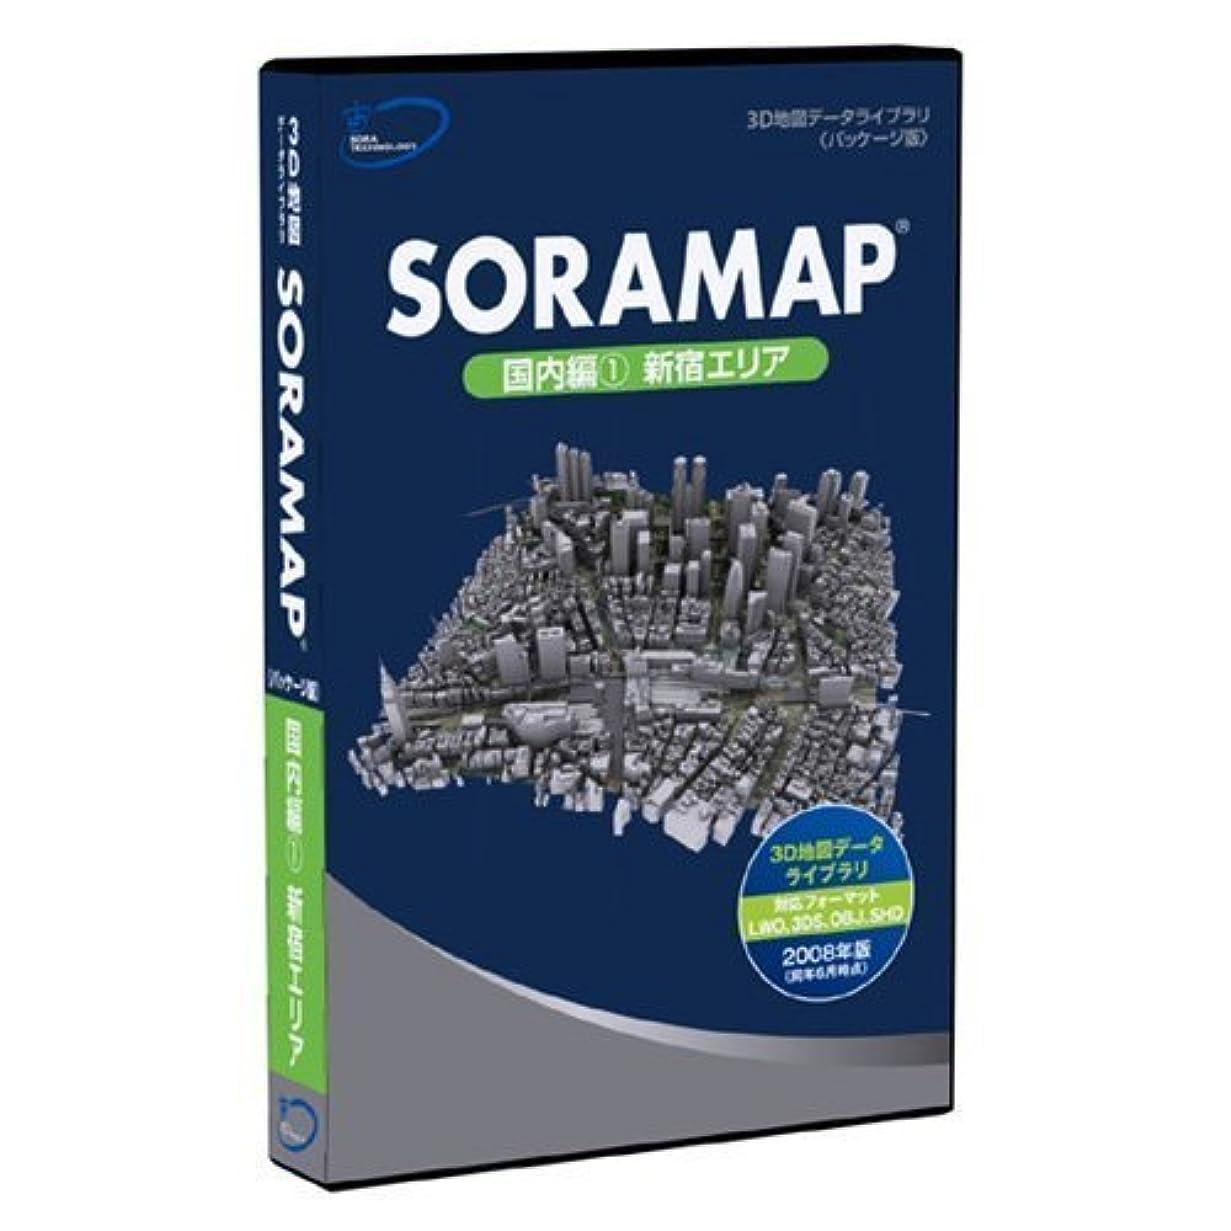 かる小康急いで3D地図(3D都市)データライブラリ[パッケージ版] SORAMAP 国内編(1) 新宿エリア